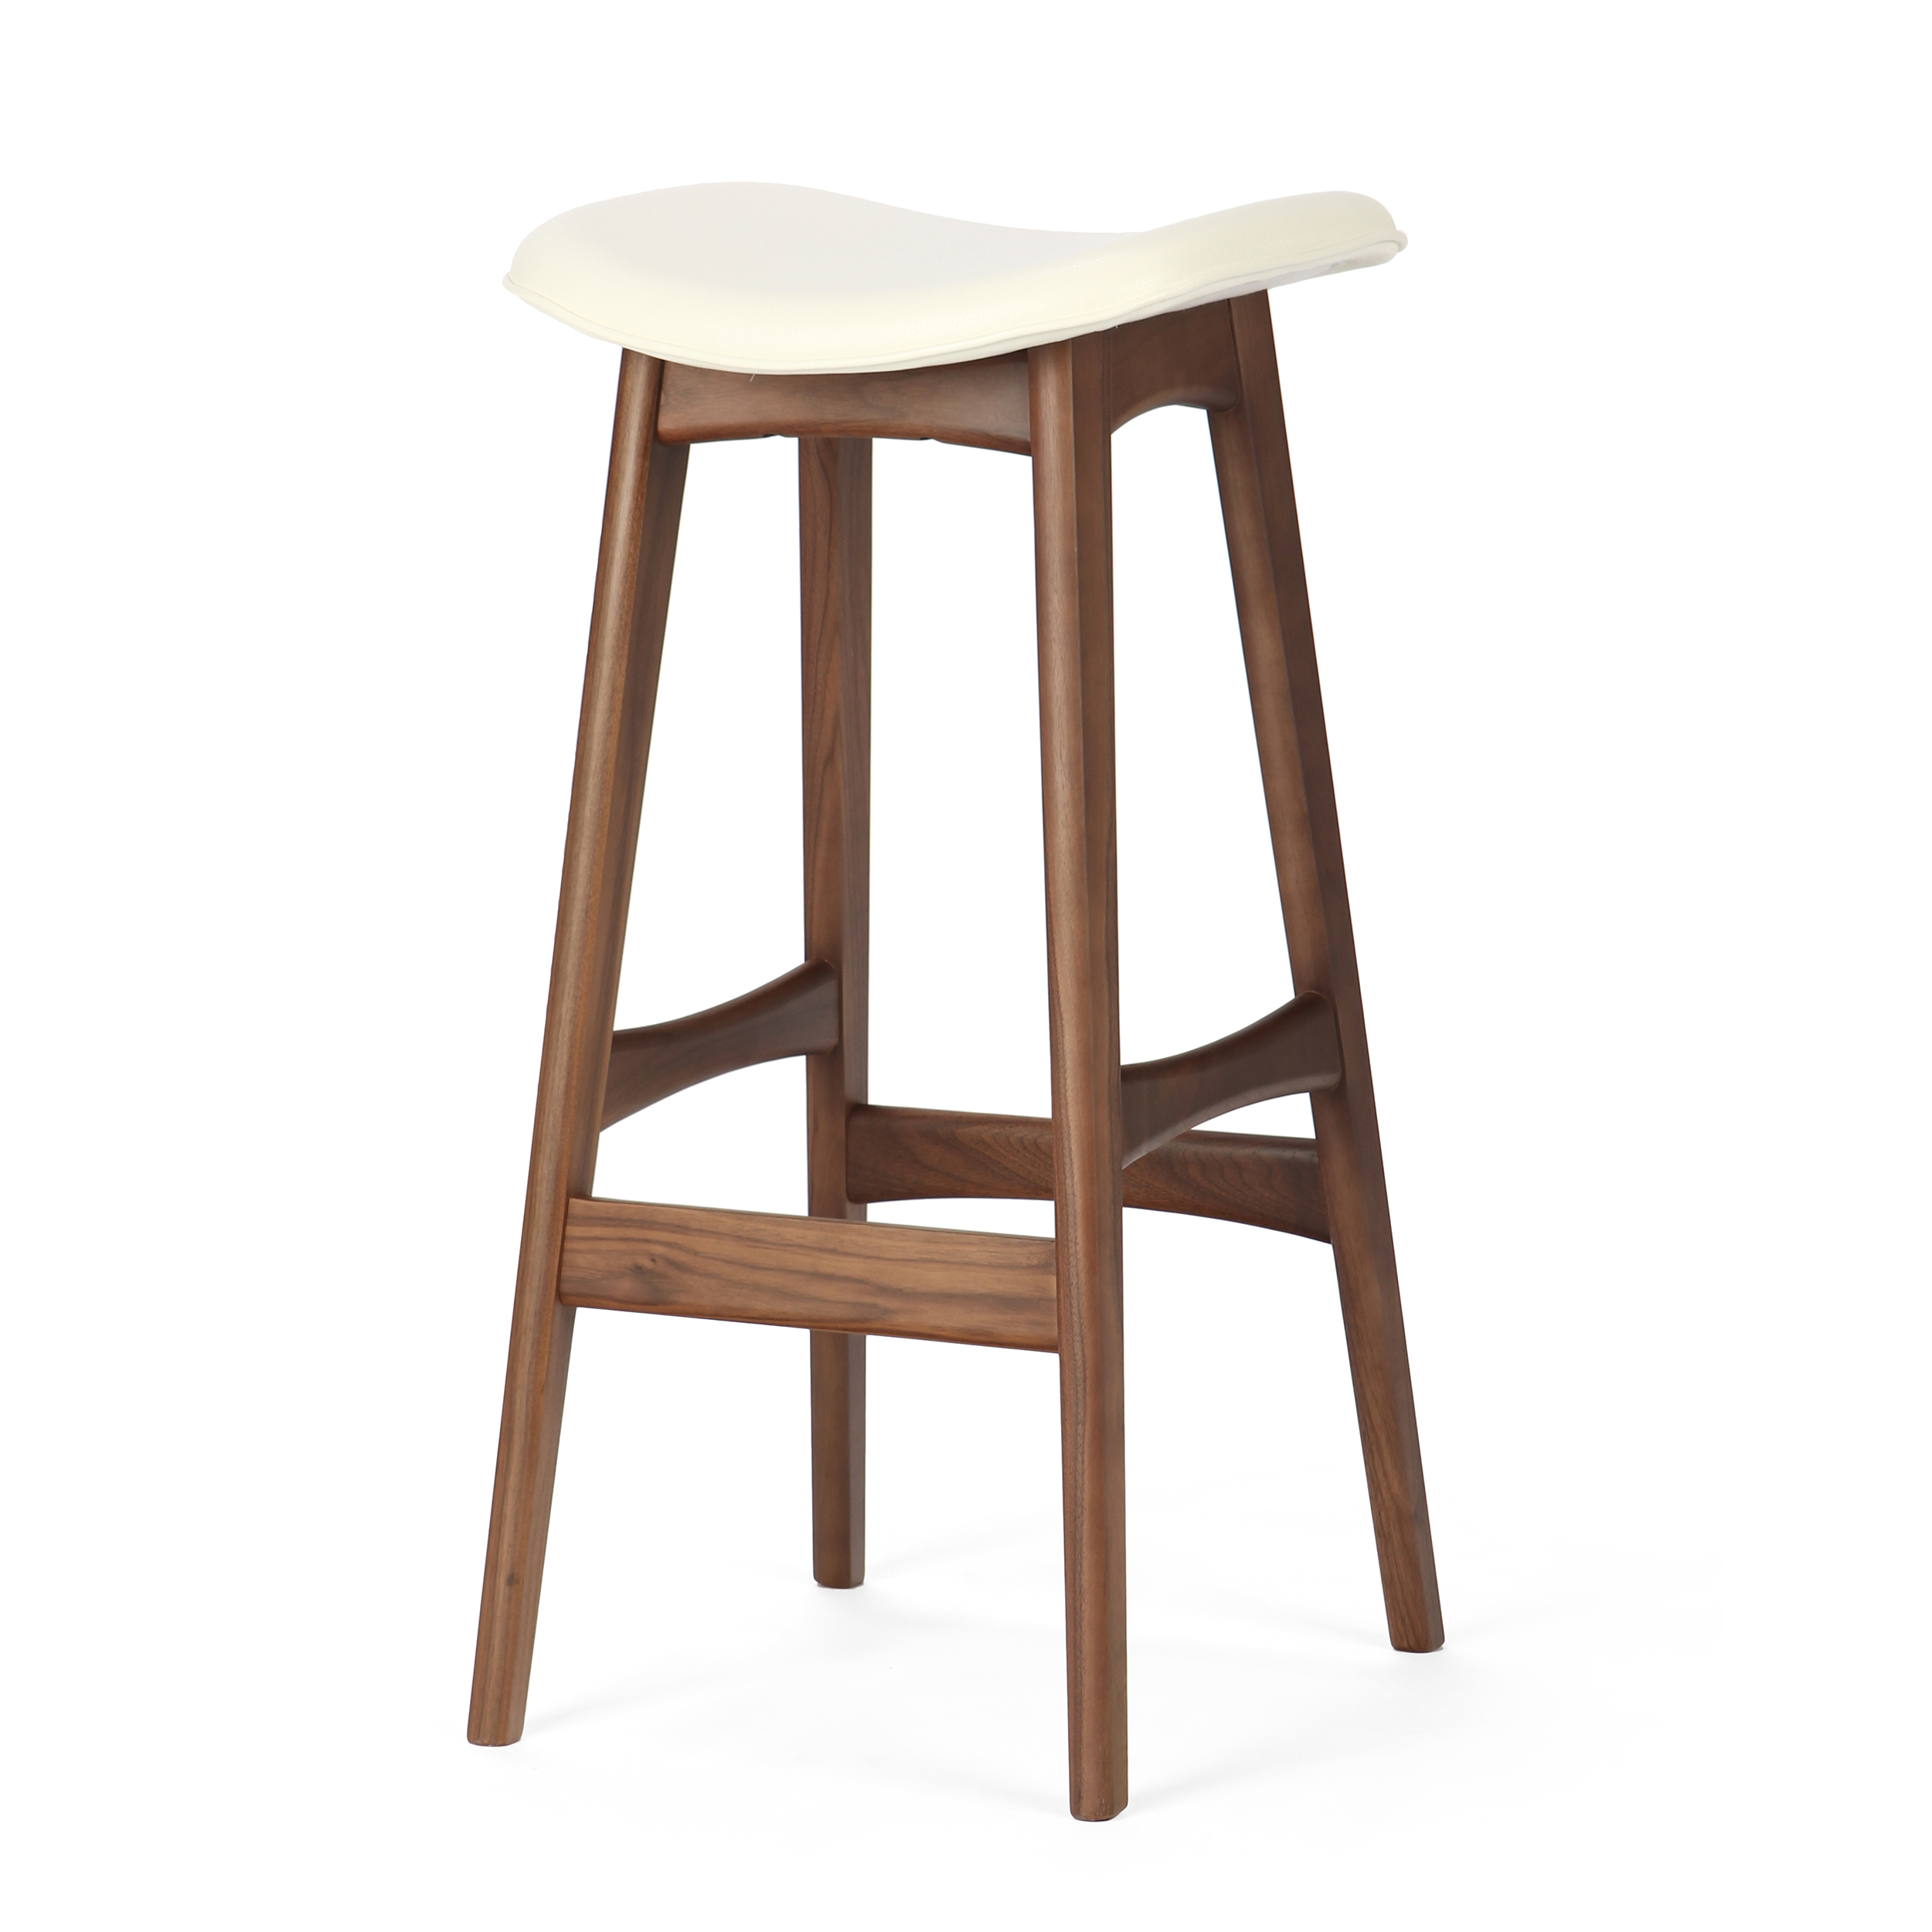 Барный стул Allegra высота 77Барные<br>Дизайнерский барный стул Allegra (Аллегра) на деревянном каркасе без спинки в различных цветах от Cosmo (Космо).Это универсальный стул для дома и частных заведений. Он отлично подойдет как для баров и ресторанов, так и для уютных гостиных и кухонь. Цвет натурального дерева и простота деталей делают его по-настоящему лаконичным, благодаря чему он прекрасно впишется в интерьеры различной стилевой направленности.<br> <br> Стройный силуэт оригинального барного стула Allegra высота 77 составляют прямы...<br><br>stock: 19<br>Высота: 76,5<br>Ширина: 40<br>Глубина: 38,5<br>Цвет ножек: Орех<br>Материал ножек: Массив ореха<br>Цвет сидения: Белый<br>Тип материала сидения: Кожа<br>Коллекция ткани: Harry Leather<br>Тип материала ножек: Дерево